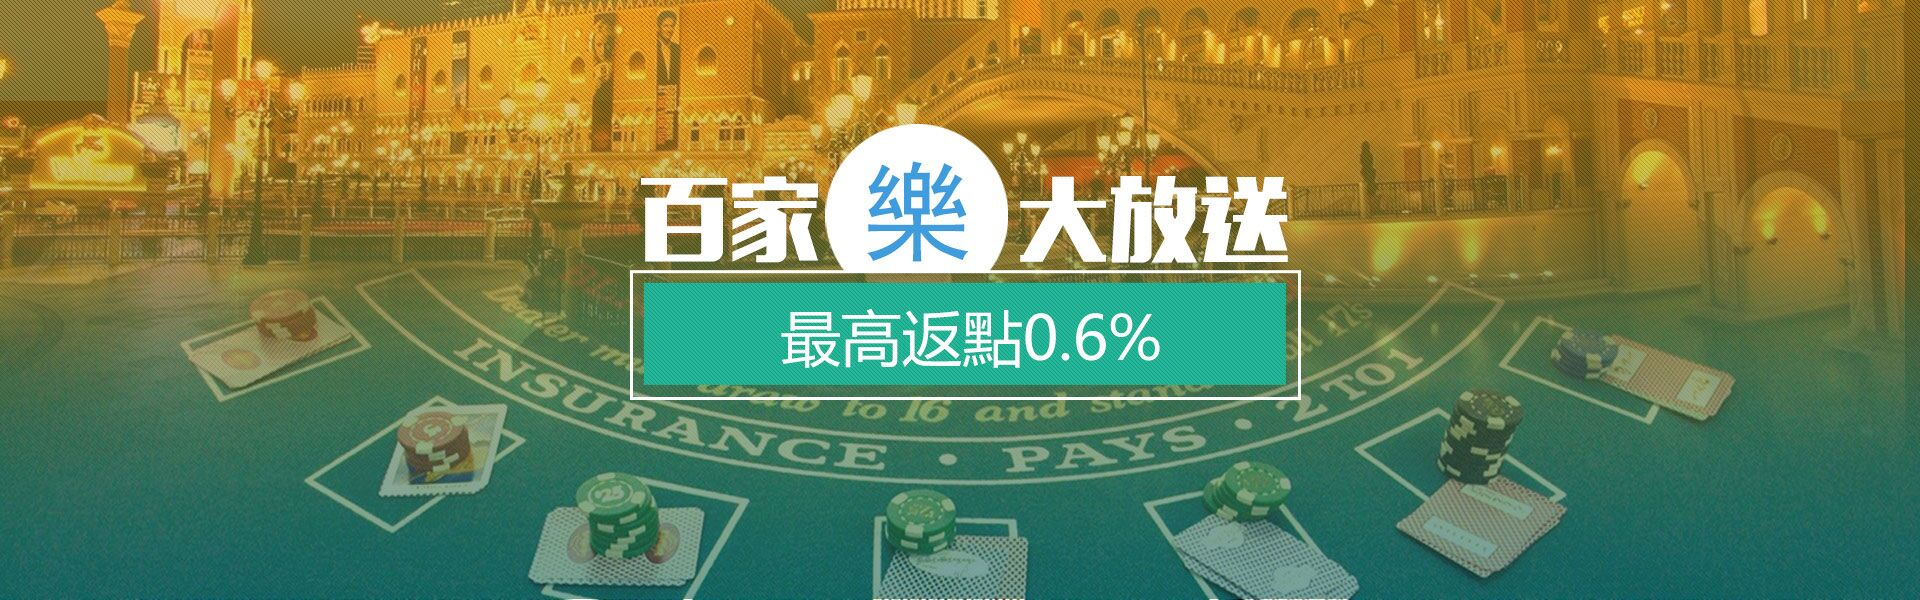 娛樂城優惠-屬鼠本週運勢(2.3-2.9) -財神娛樂城